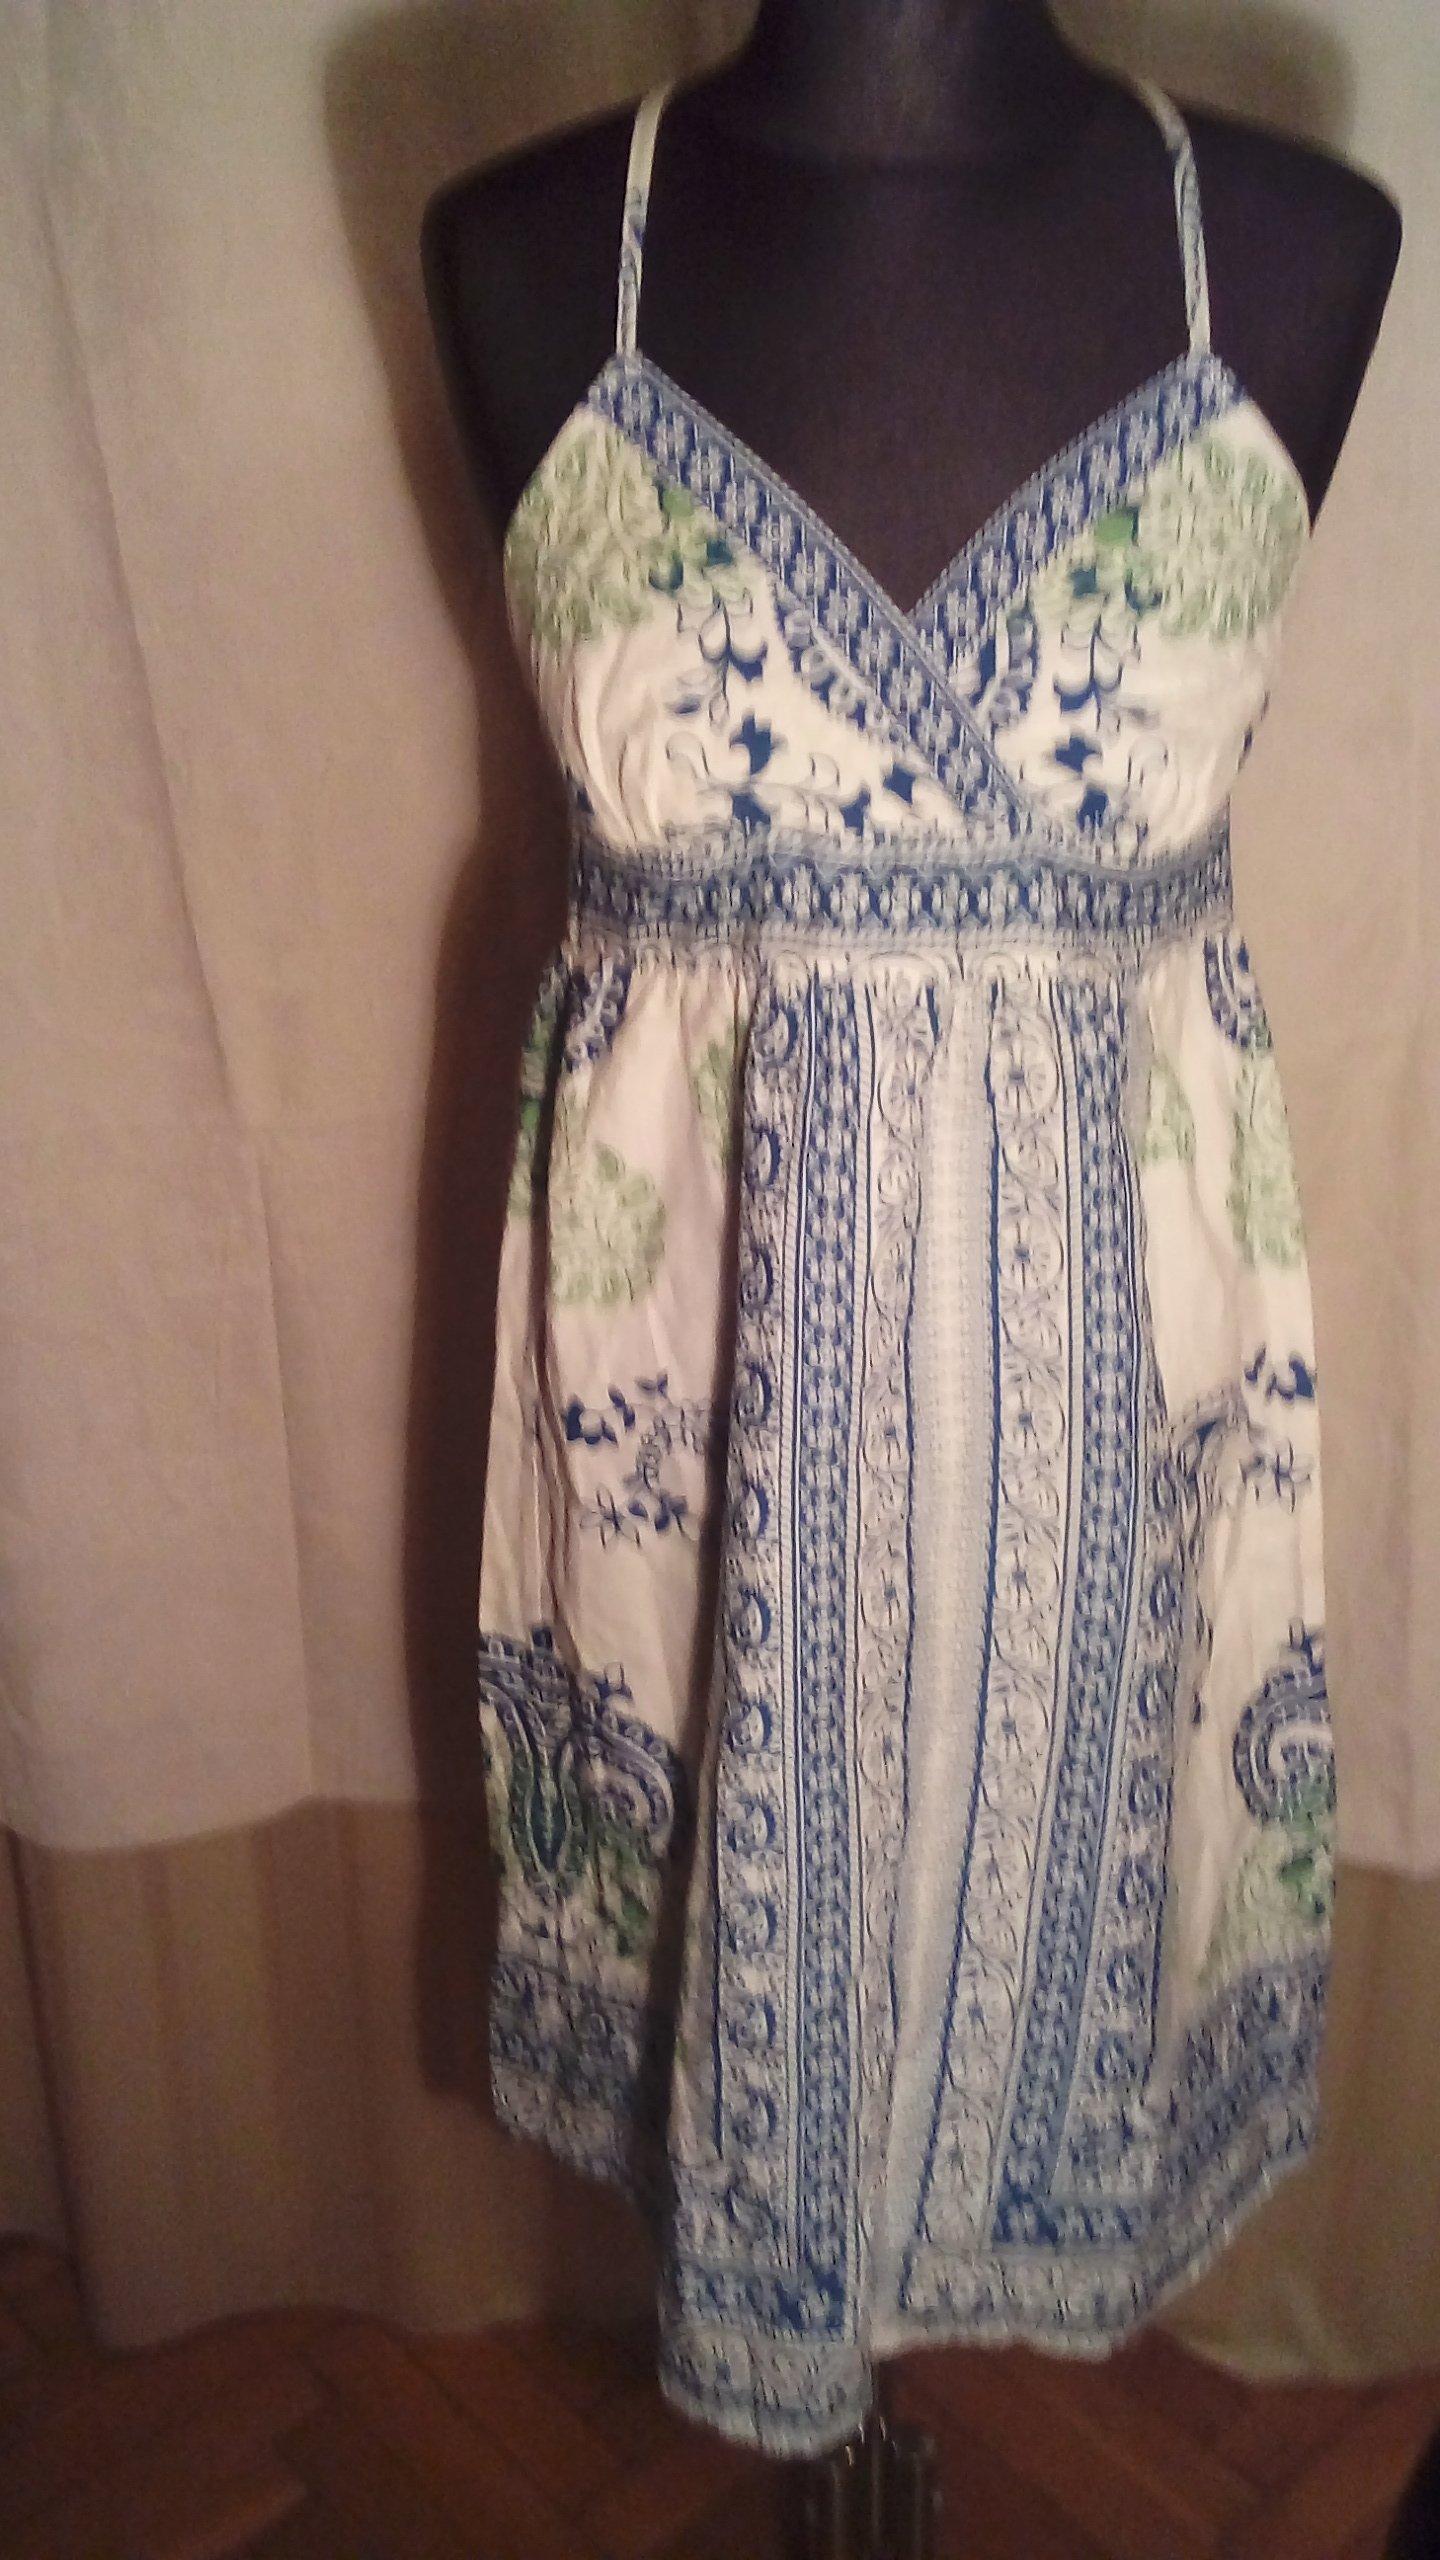 450cc7da7d Letnia biała sukienka w niebieskie wzory S - 7251072918 - oficjalne ...